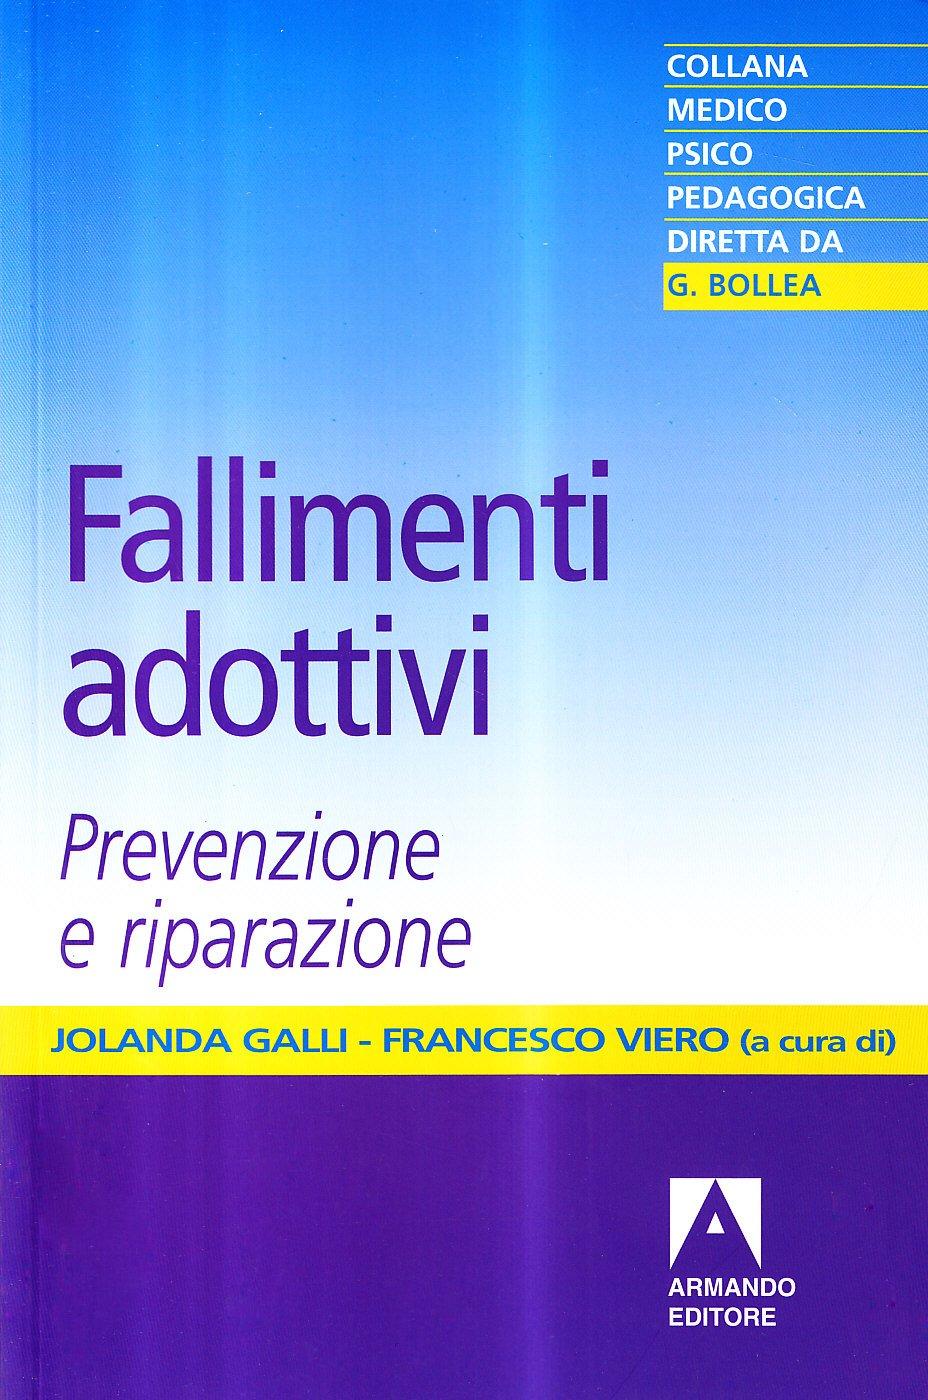 Fallimenti adottivi. Prevenzione e riparazione Copertina flessibile – 1 mag 2001 J. Galli F. Viero Armando Editore 8883581970